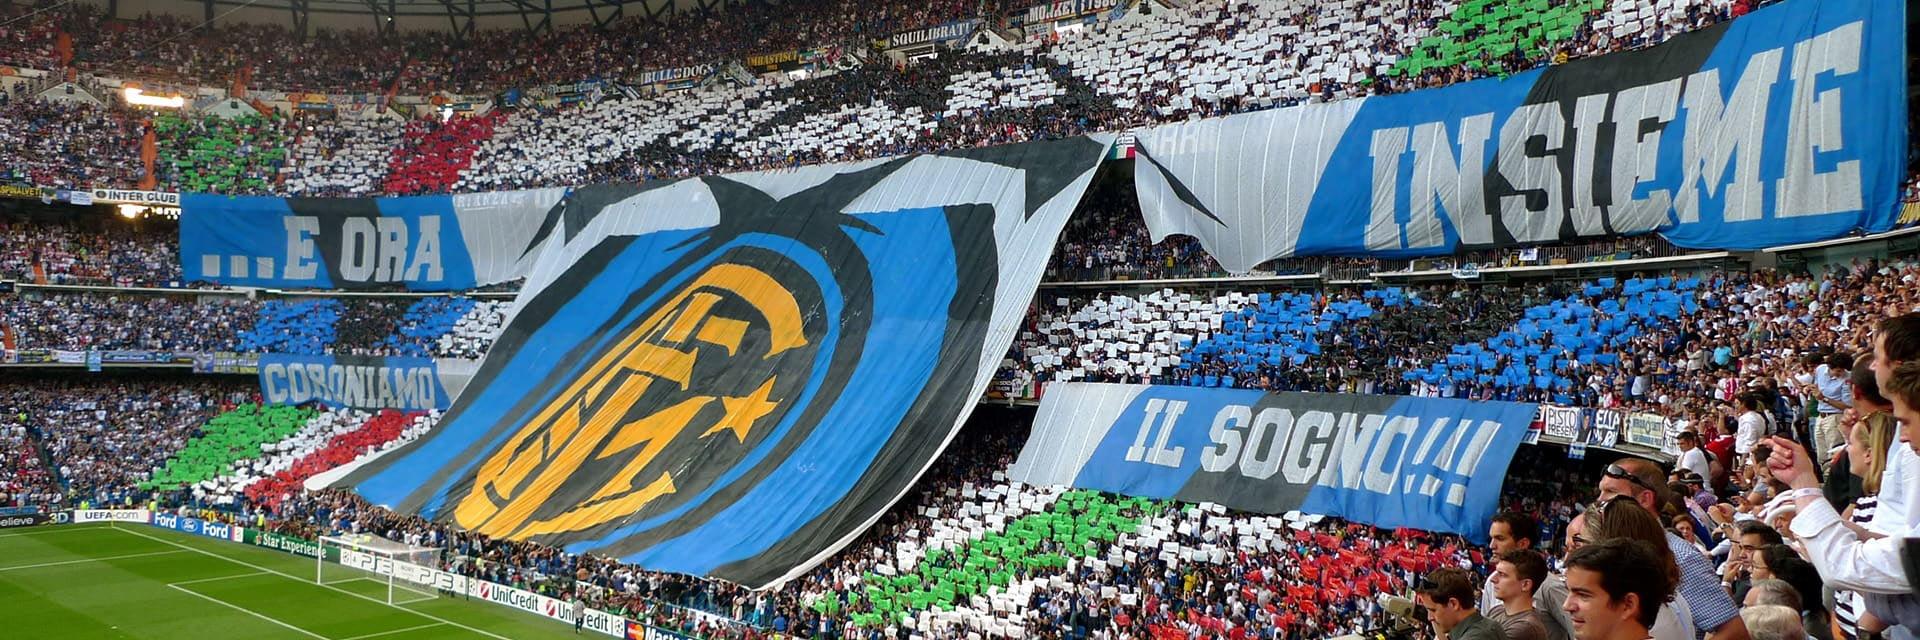 Inter Milan - Juventus FC, 7 octobreà 20:45